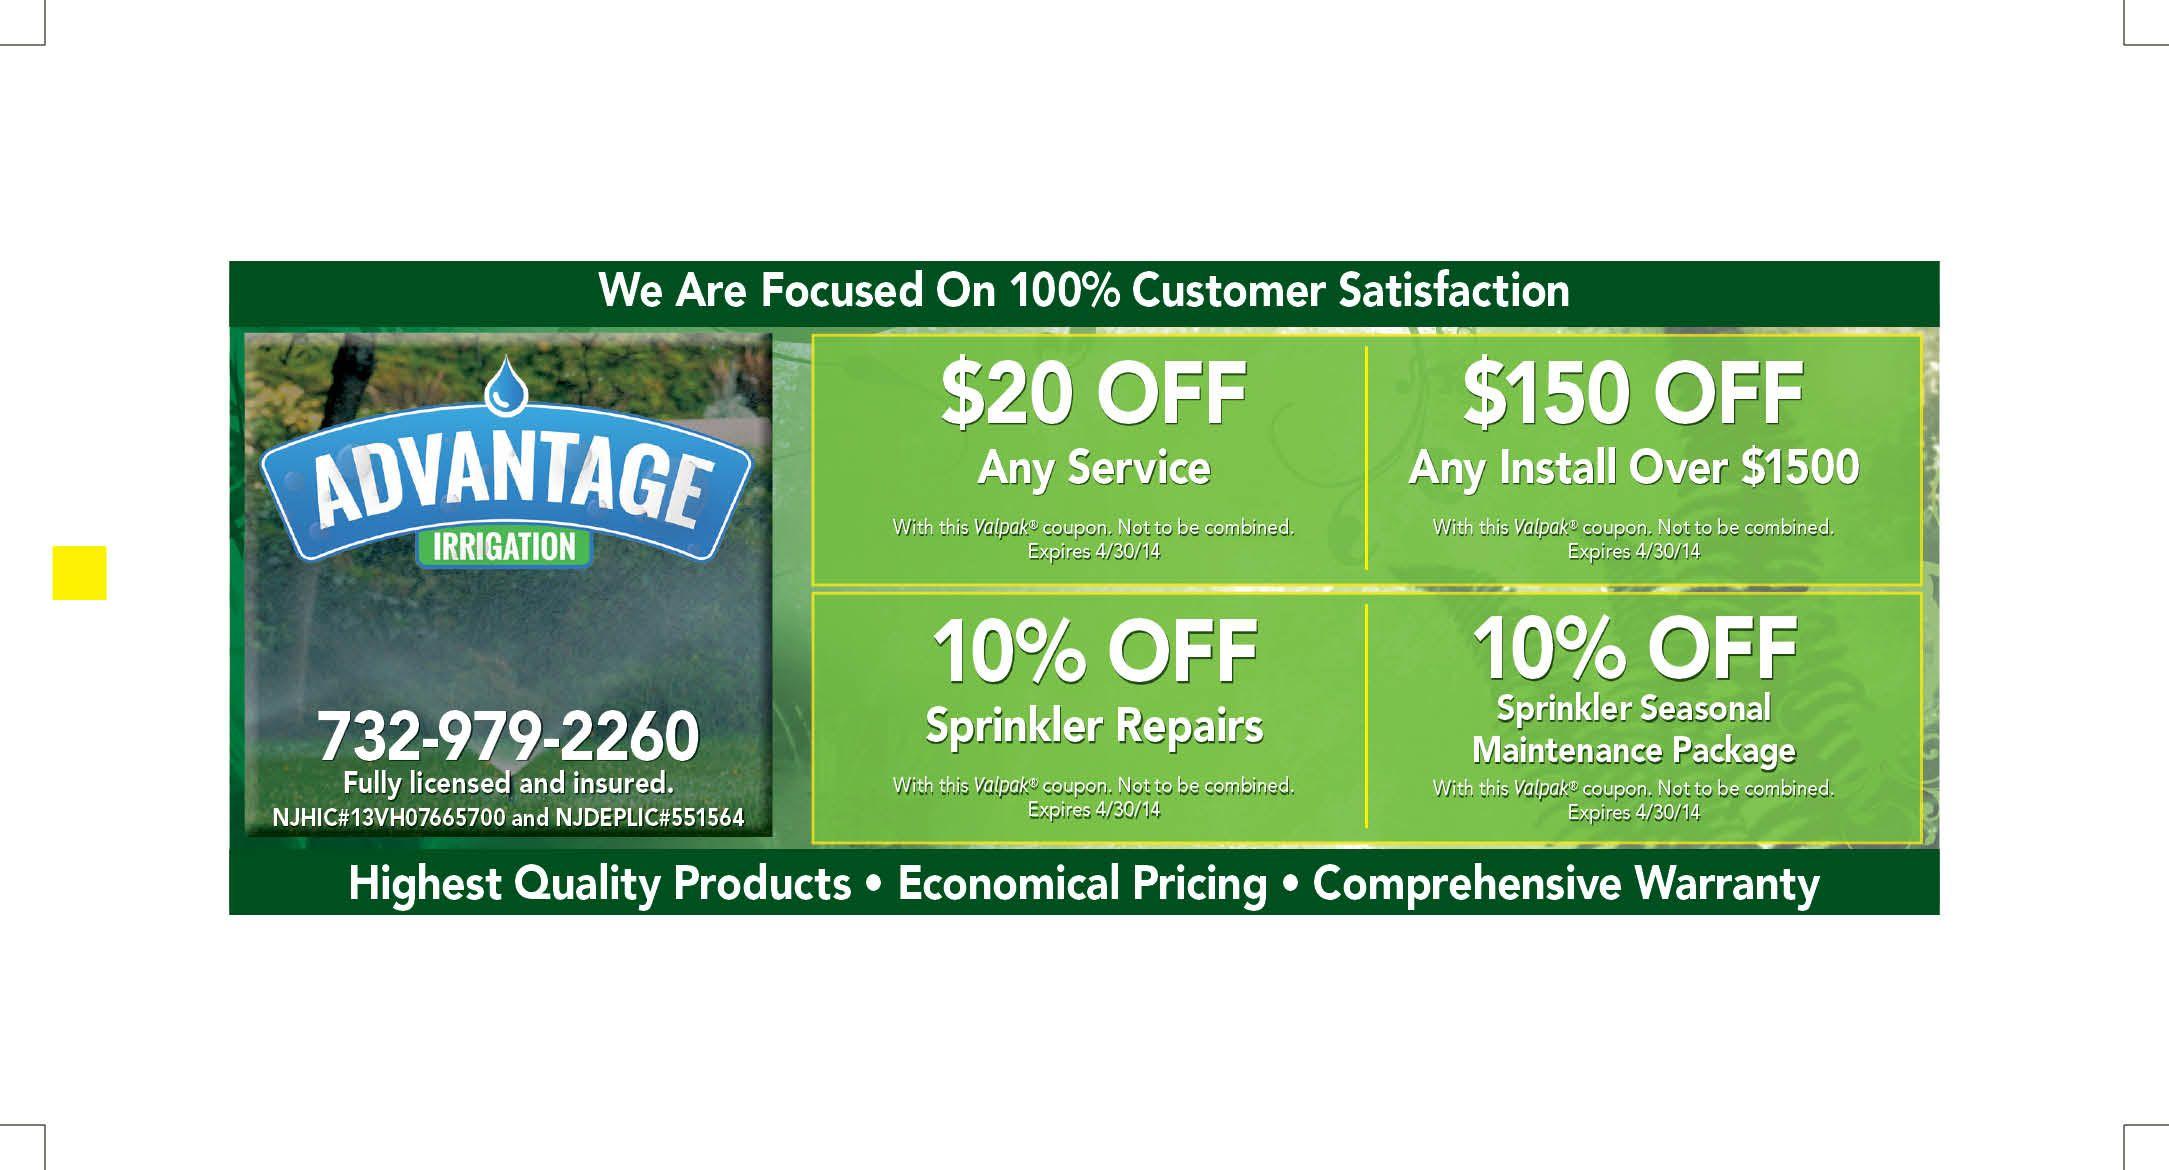 Blue Envelope Ad Side 2 Sprinkler Repair Coupons Irrigation